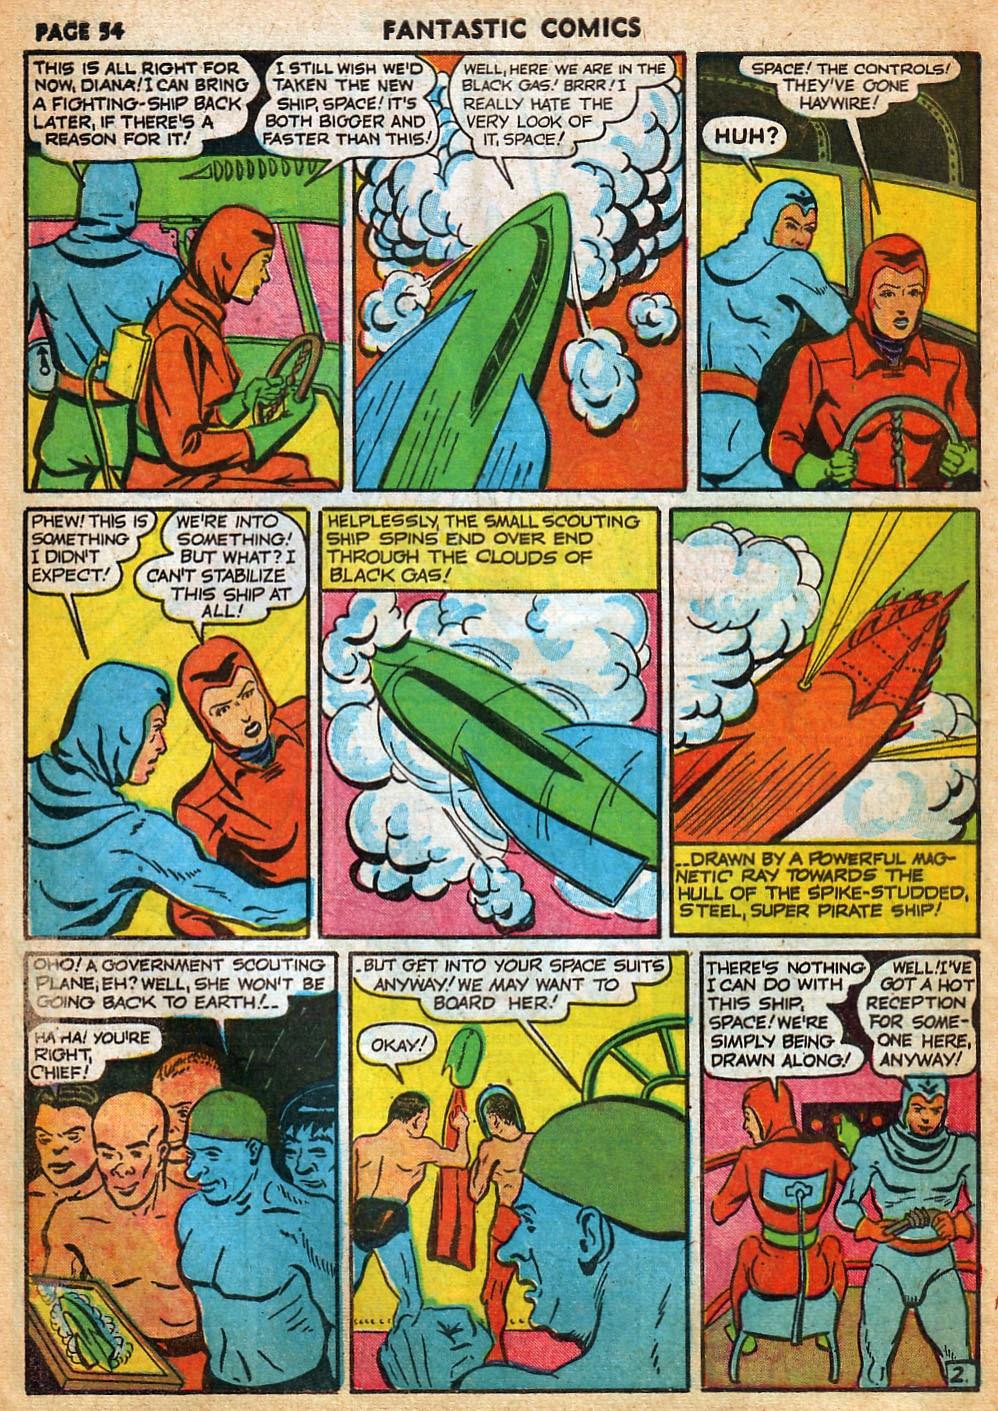 Read online Fantastic Comics comic -  Issue #22 - 55